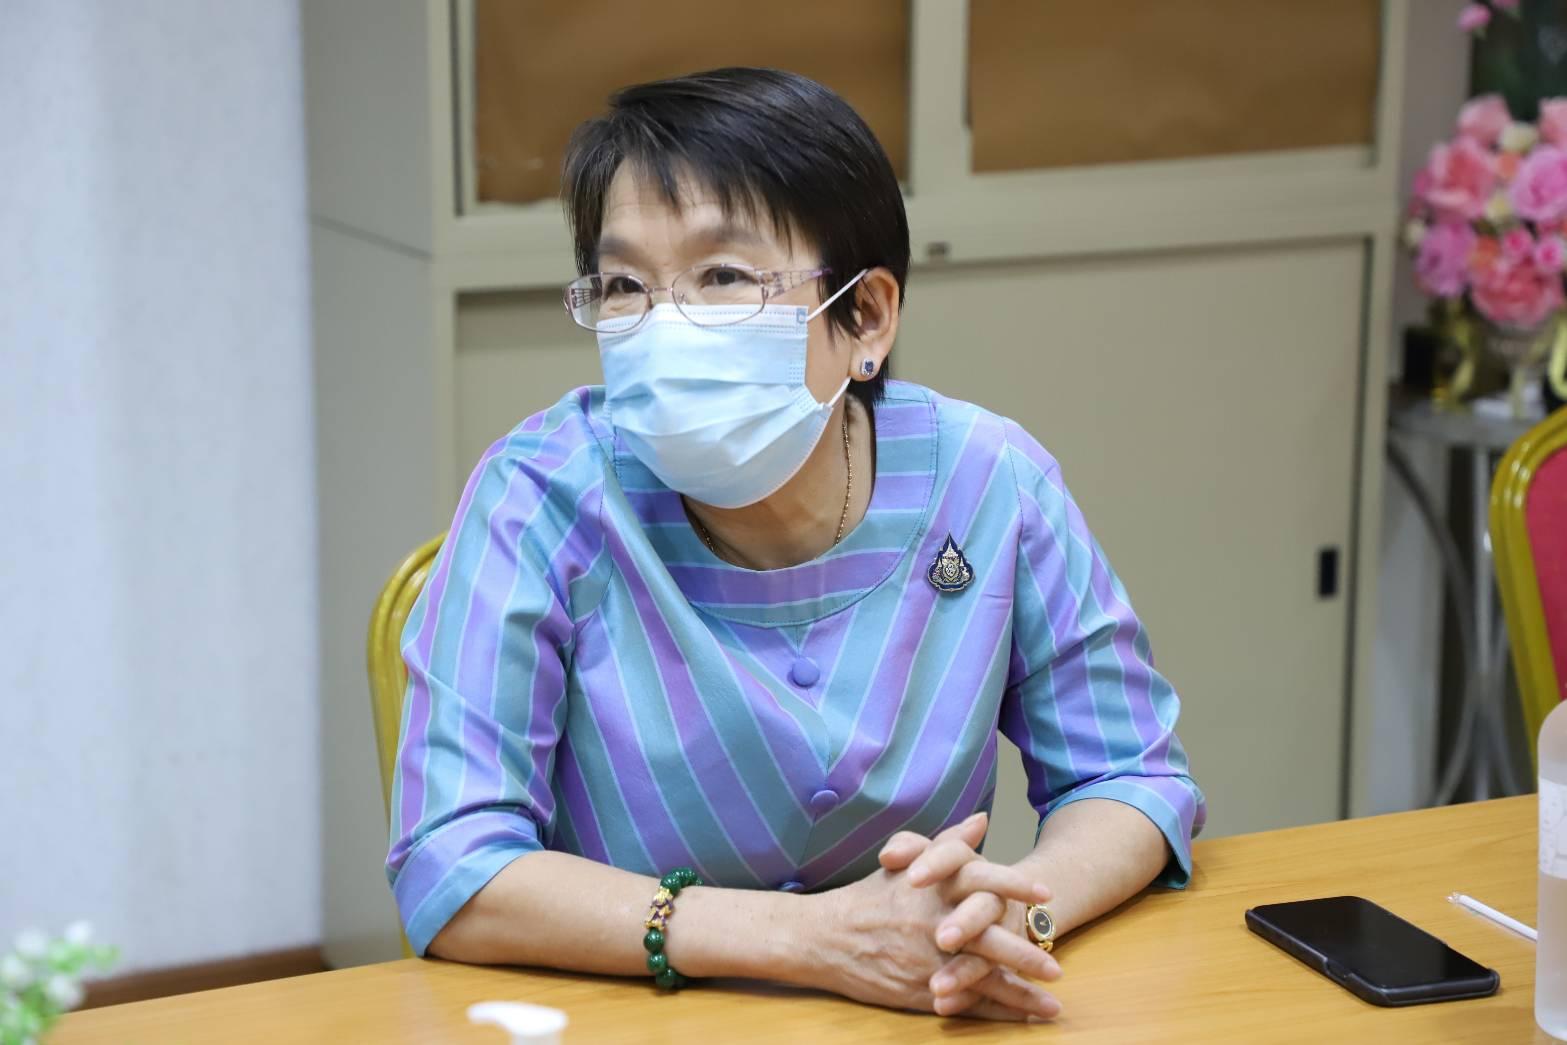 พบแรงงานไทยรายที่ 3 บาดเจ็บจากระเบิดเลบานอน